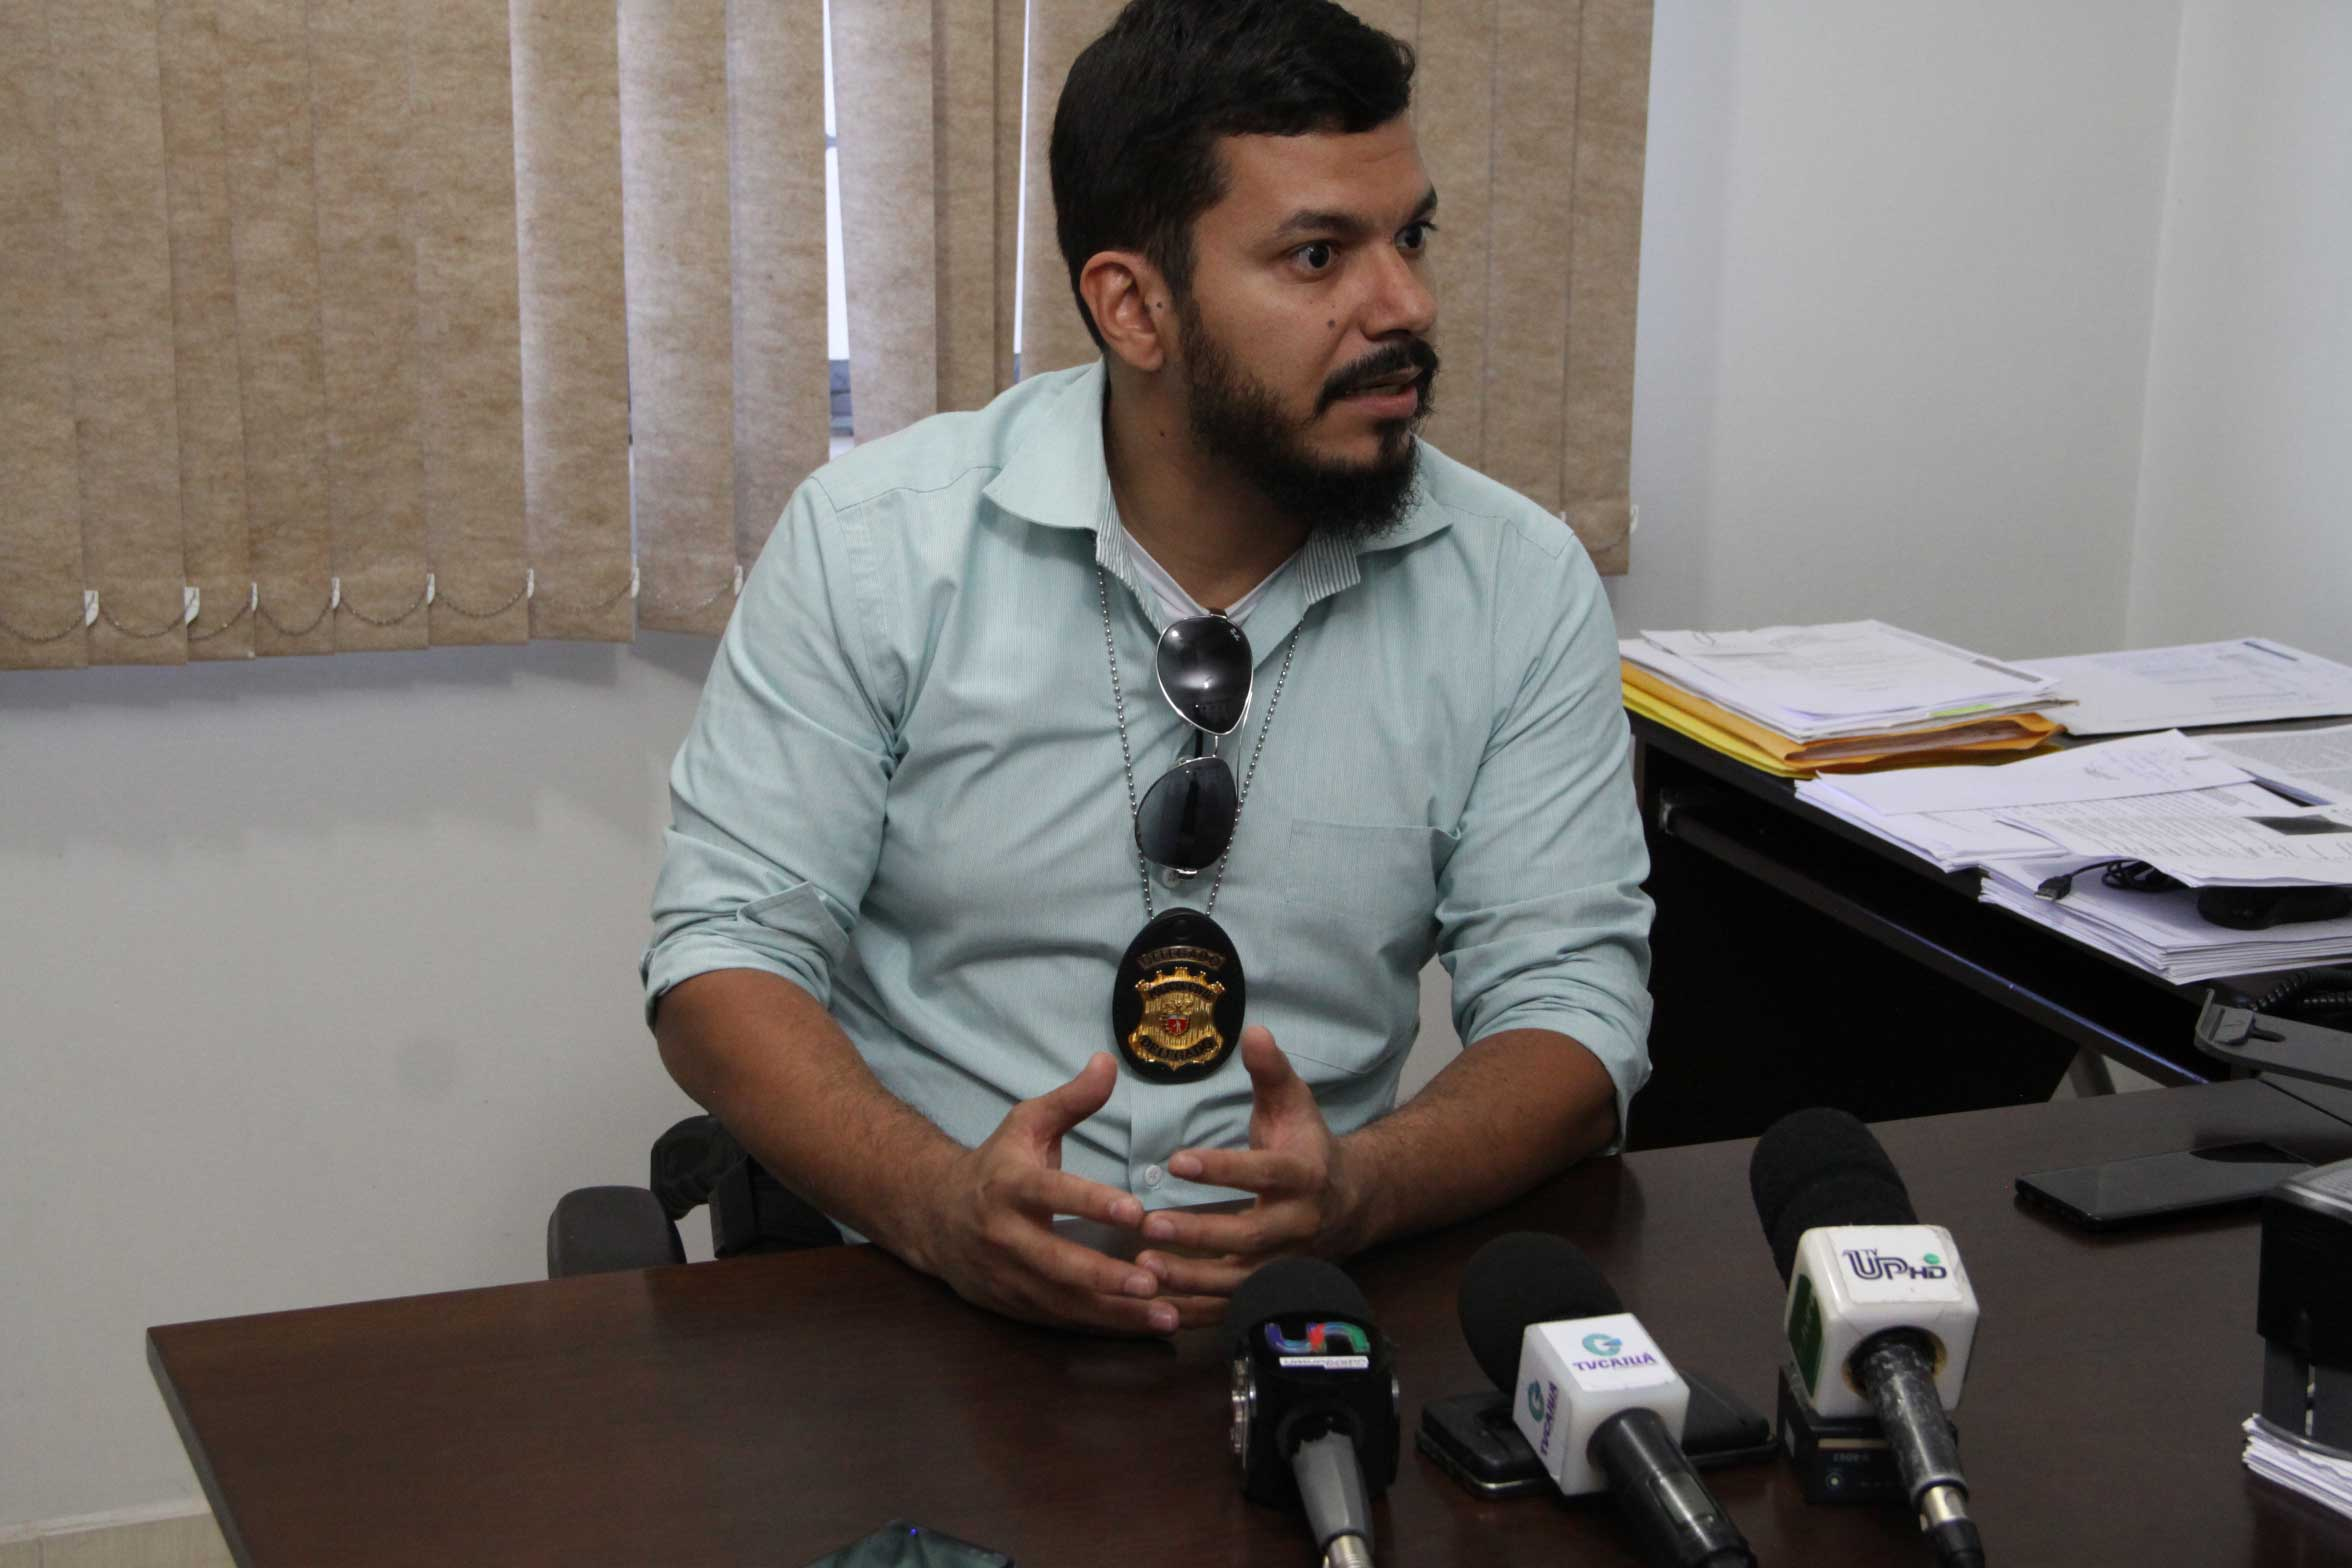 Morte de detento foi anunciada em denúncia anônima para a polícia durante a manhã de terça-feira (18)